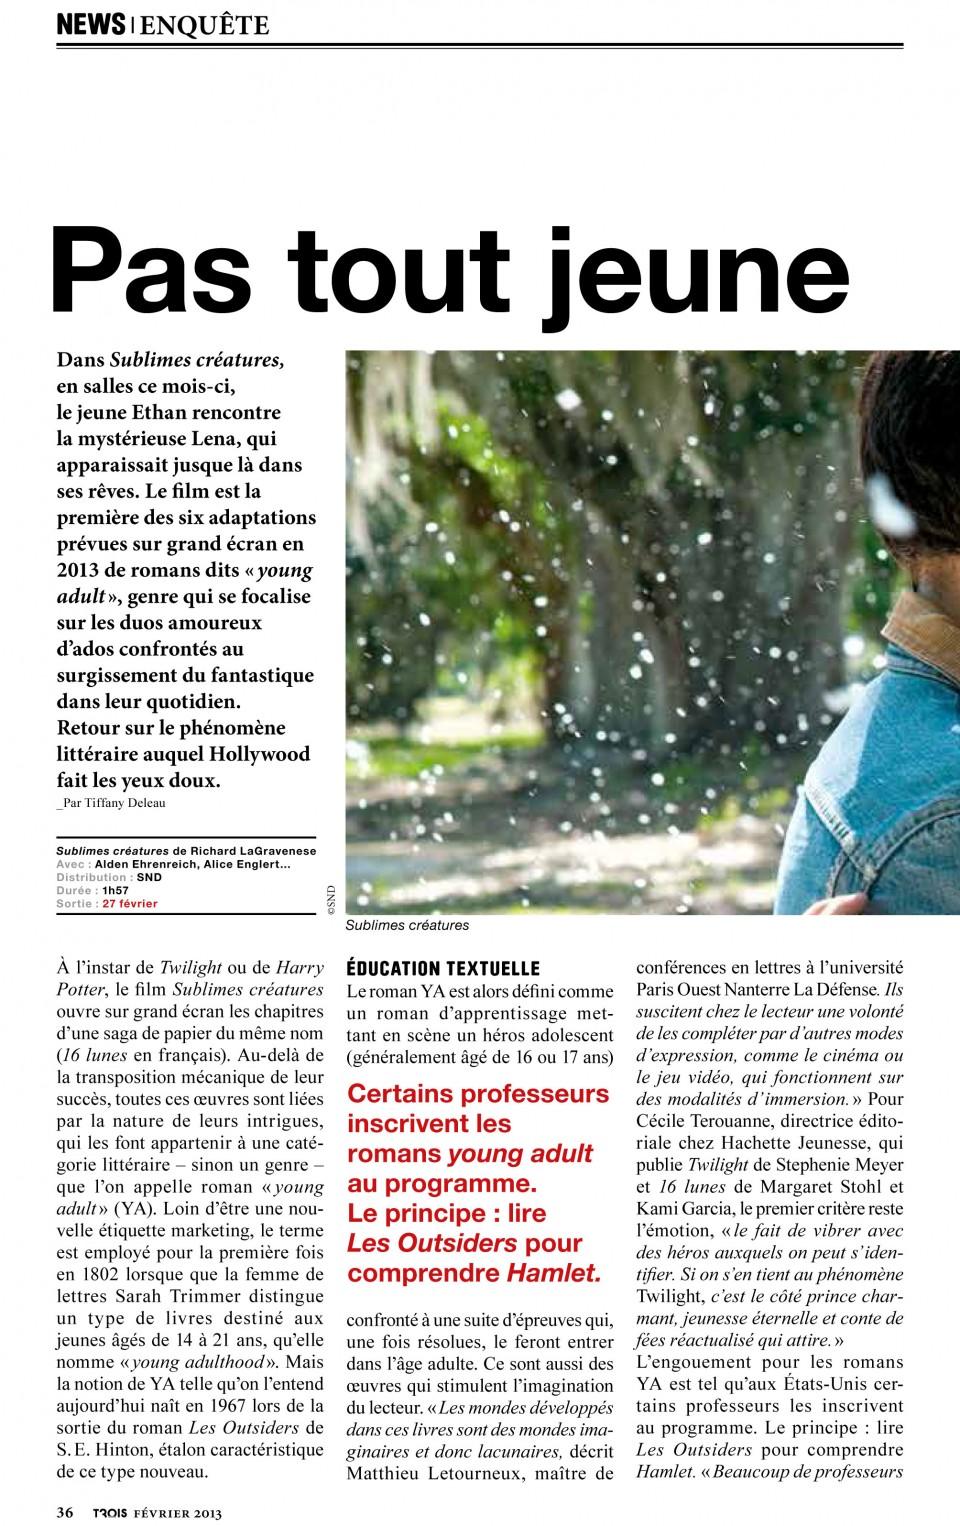 News - Enquête - Phénomène des romans Young Adult 1